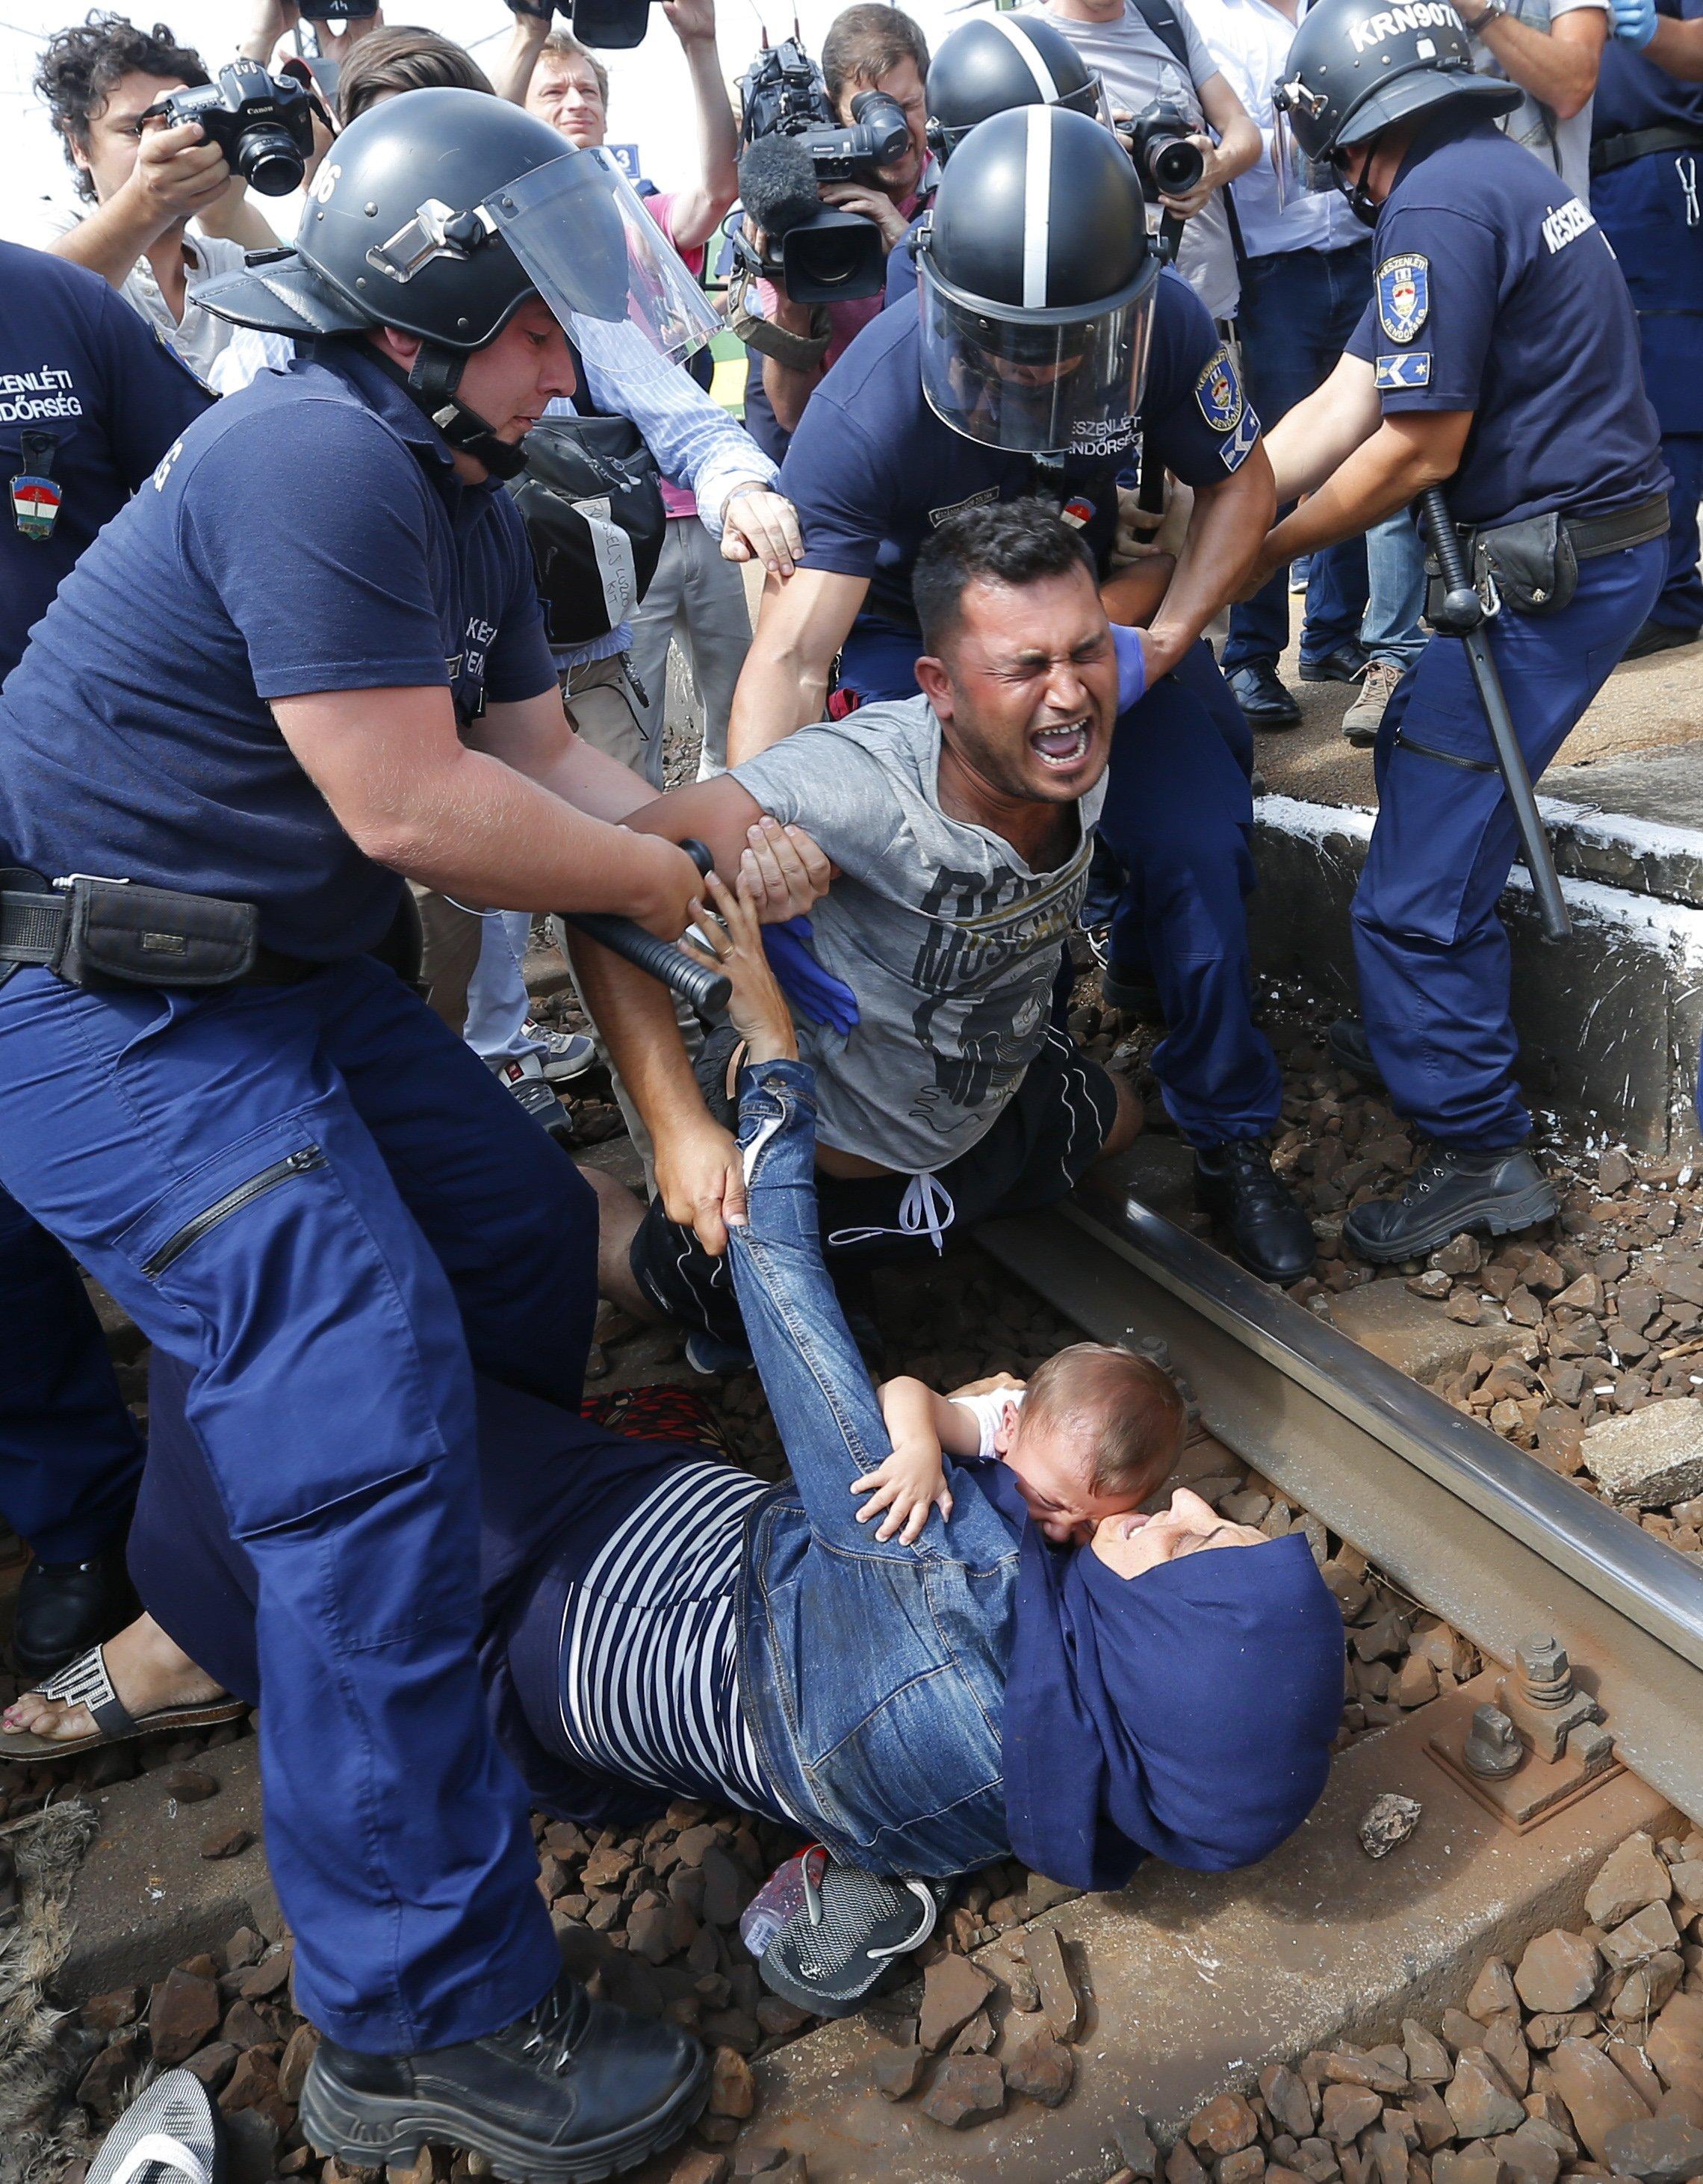 نزدیکی تهران و بوداپست در نحوه برخورد با پناهجویان